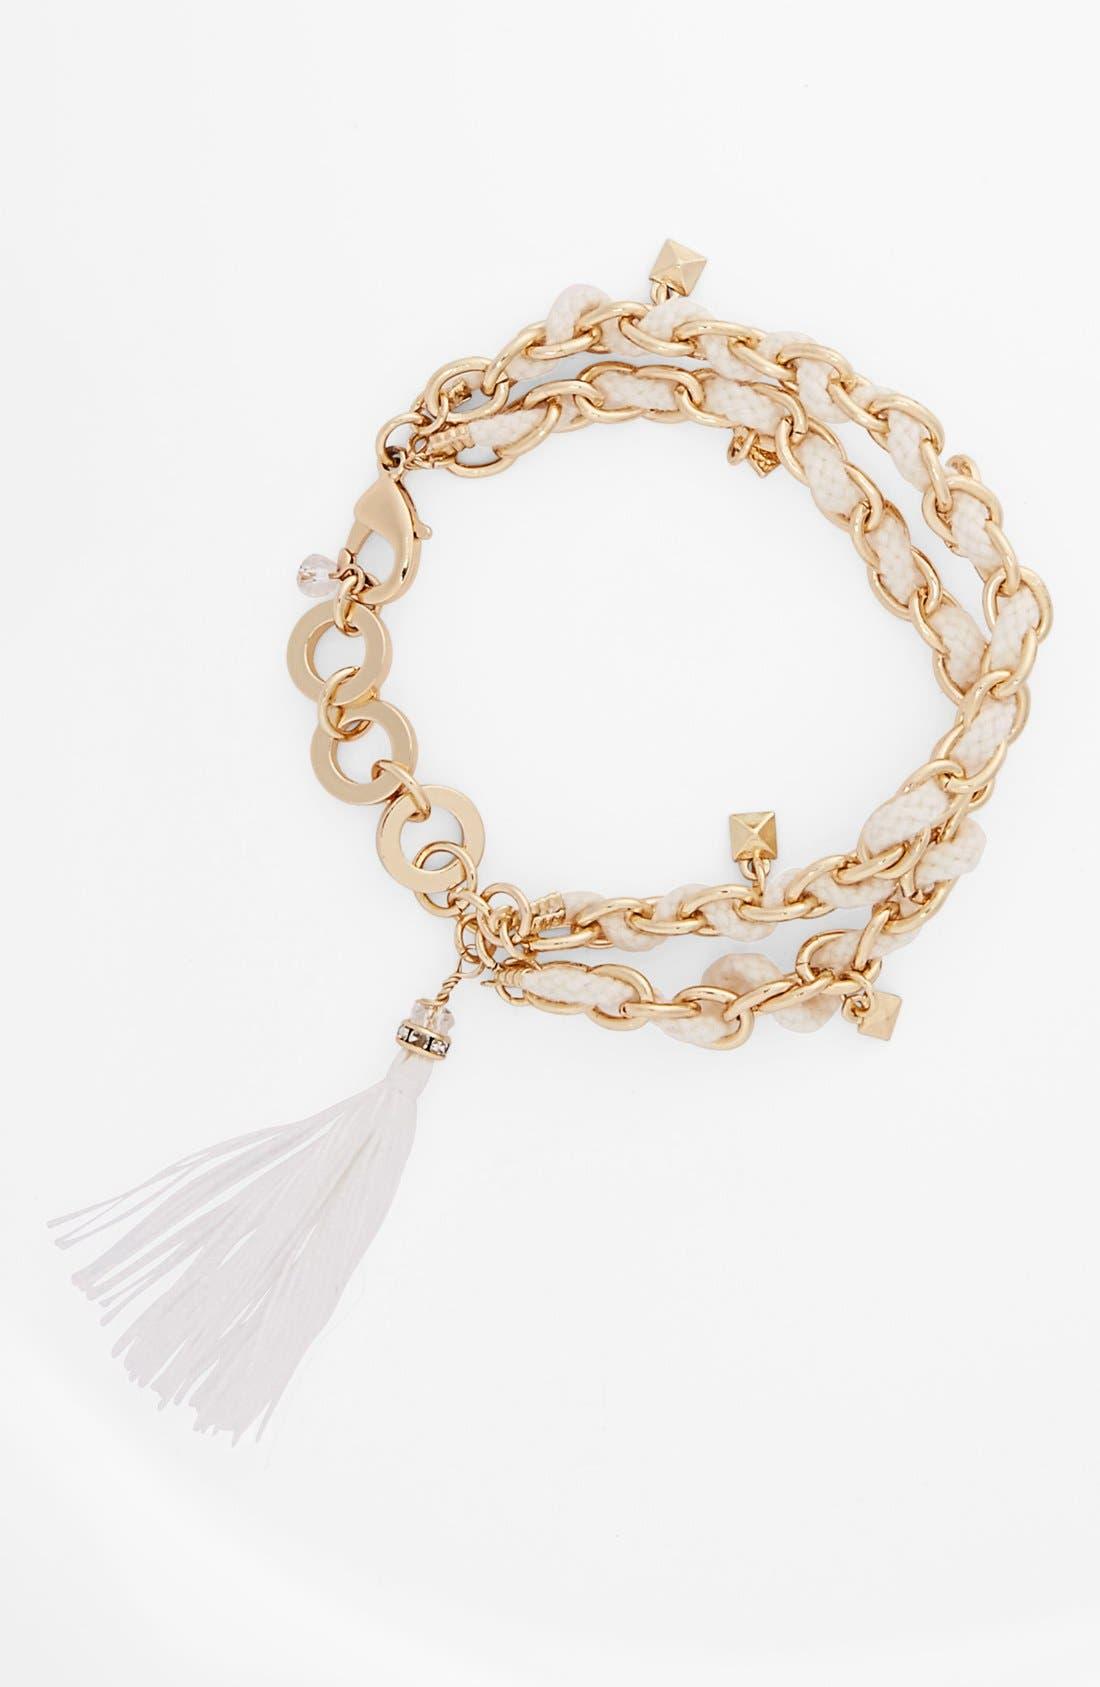 Main Image - Sequin Link & Rope Bracelet